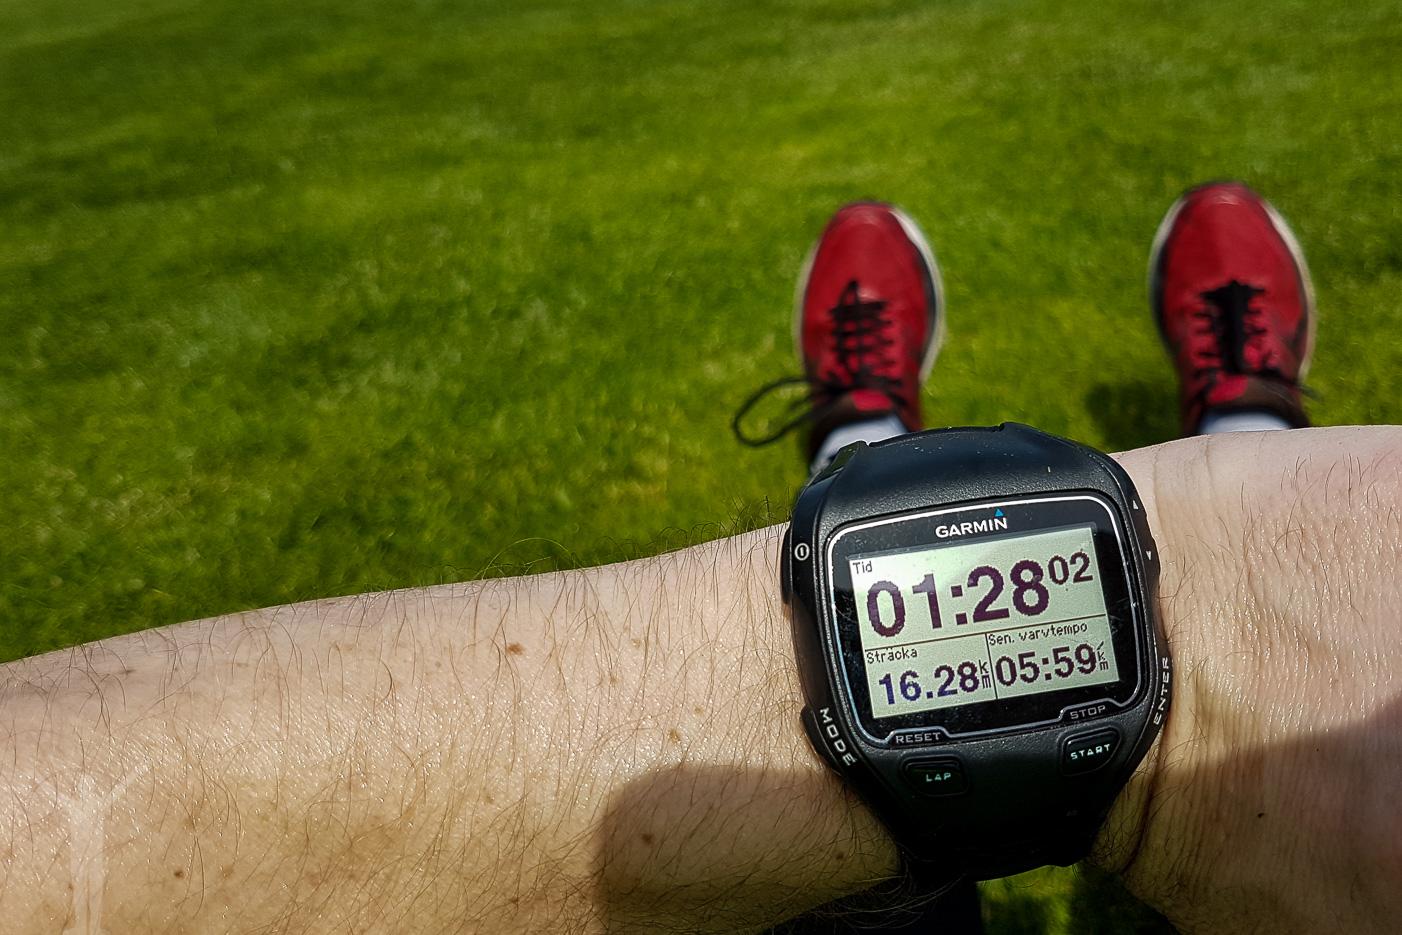 Post-race och GPS-klocka